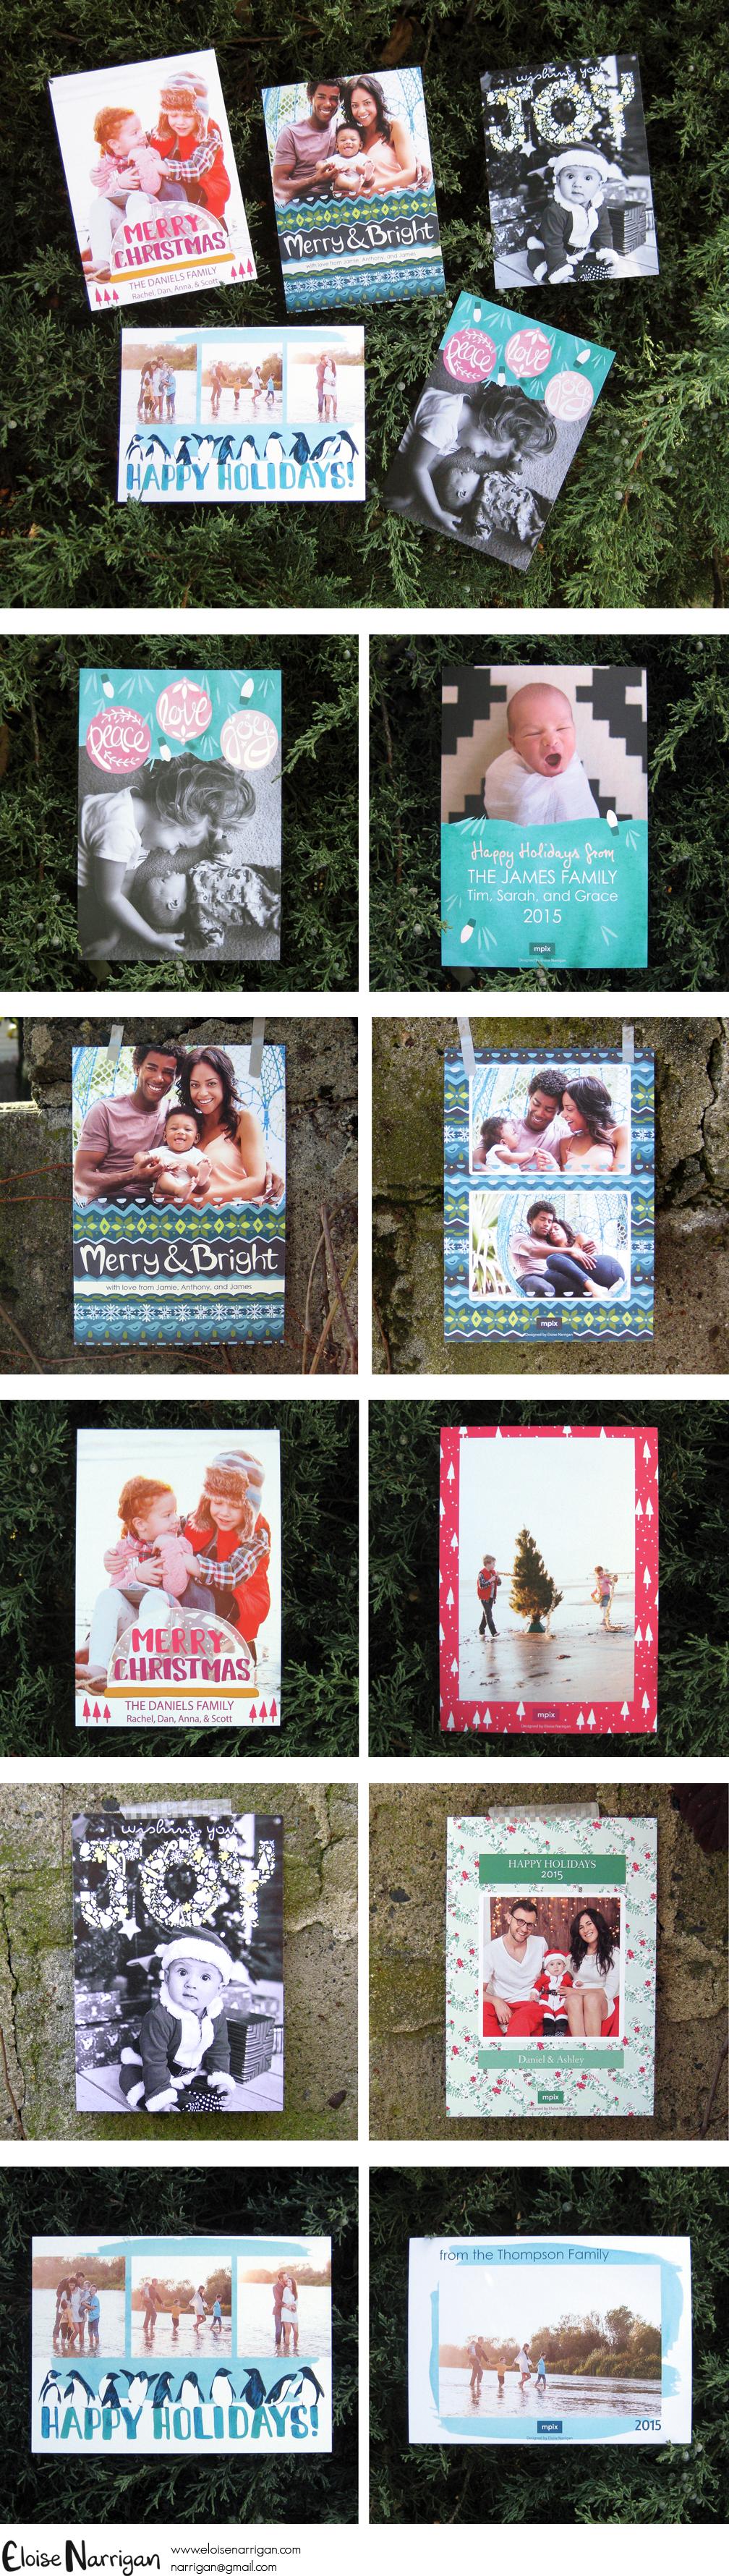 eloisenarrigan_holiday mpix15a.jpg